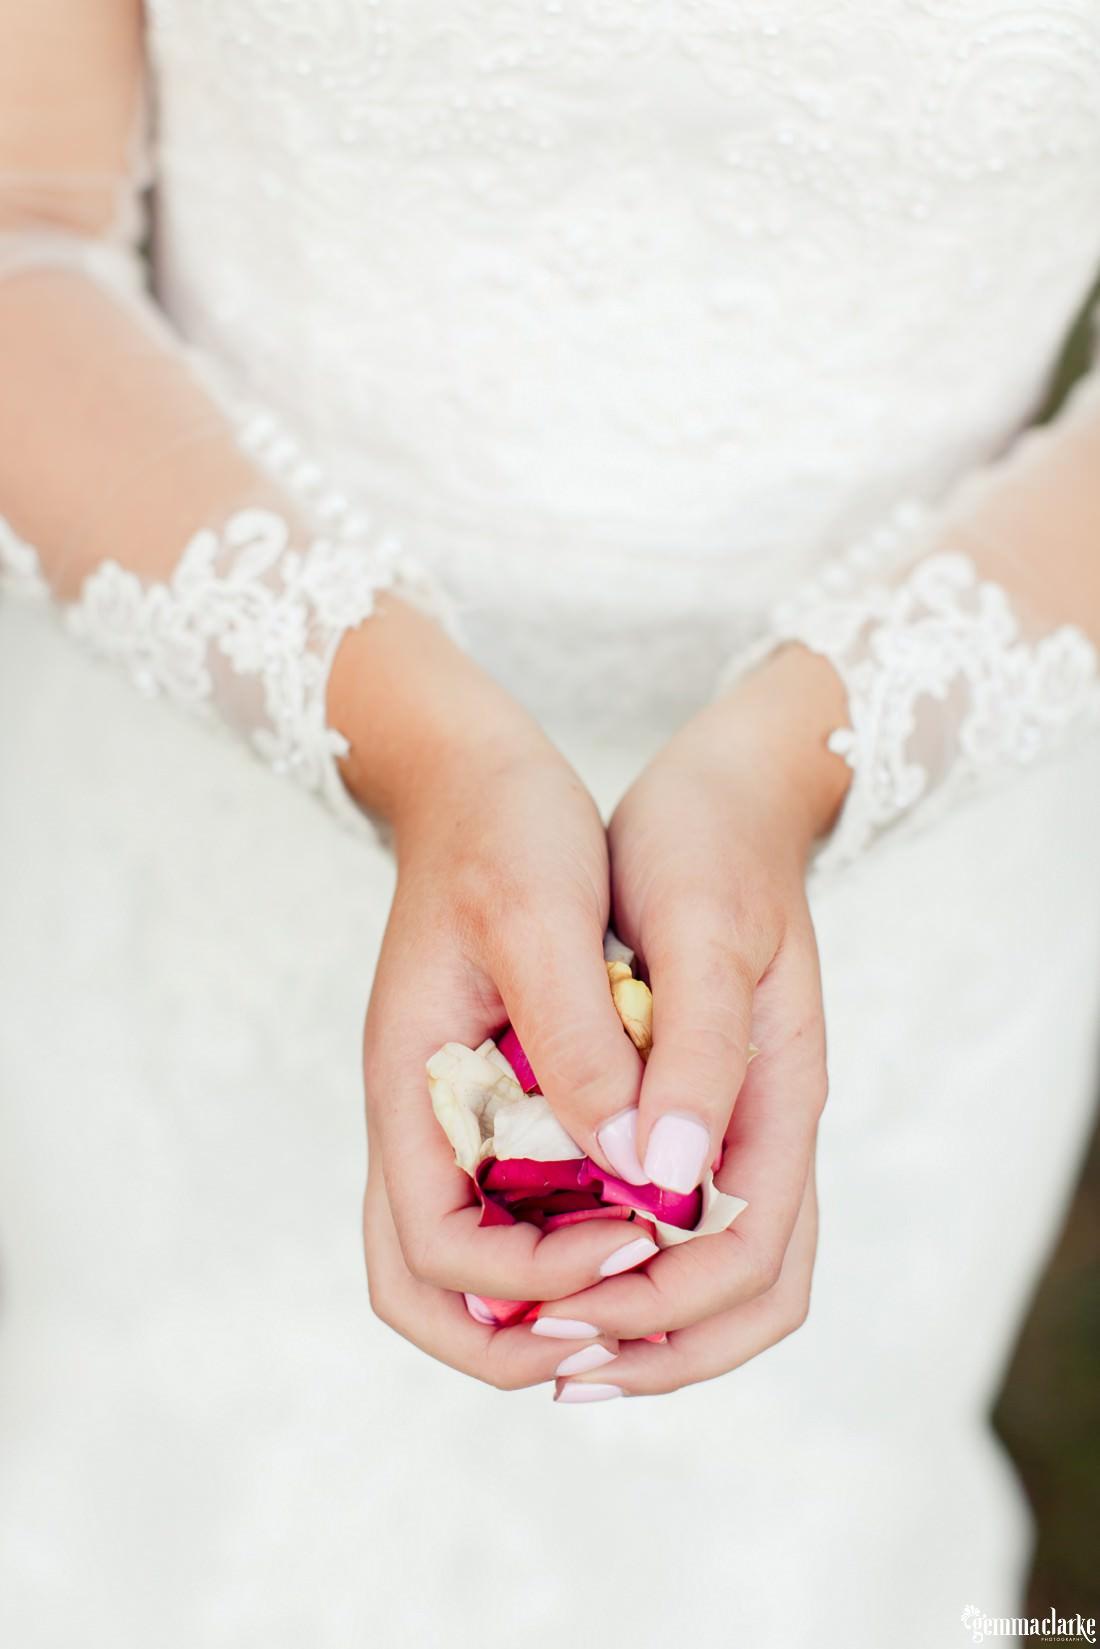 A closeup of a bride's hands holding rose petals